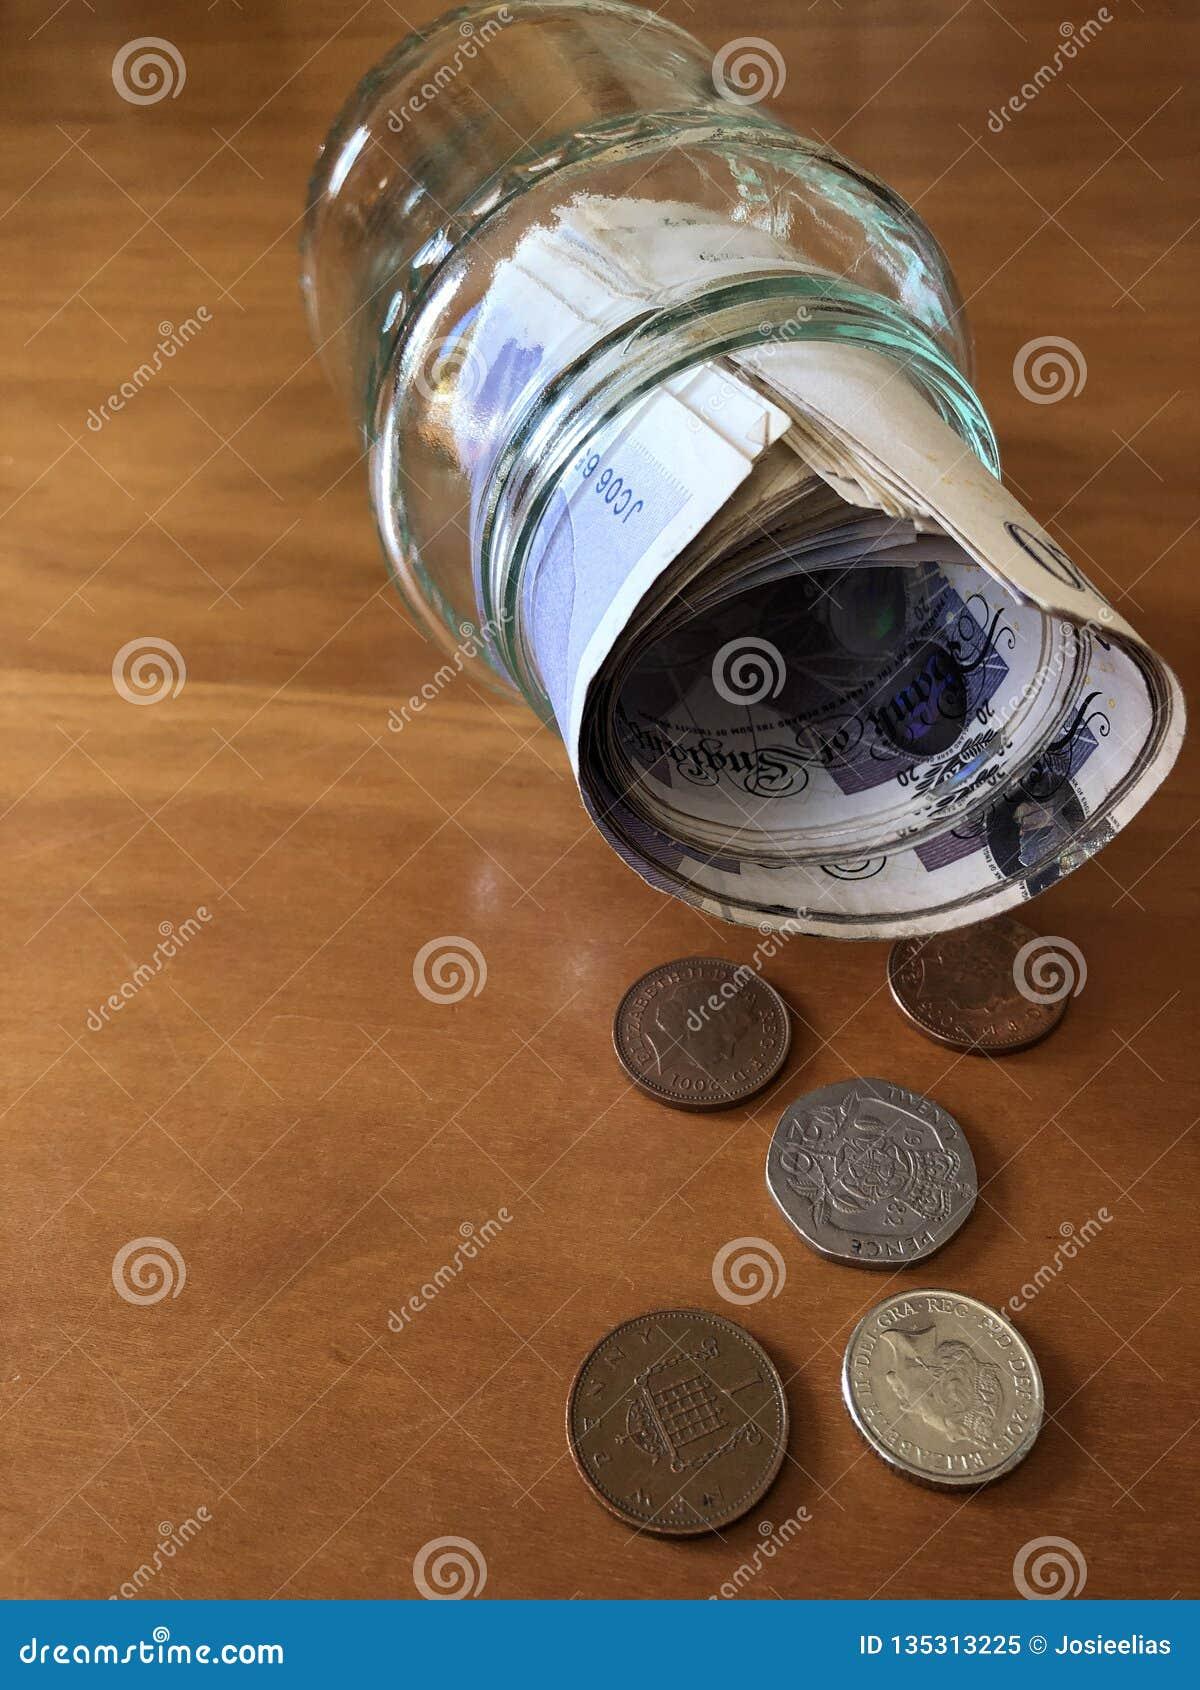 创造性的概念,在果酱瓶子的攒钱